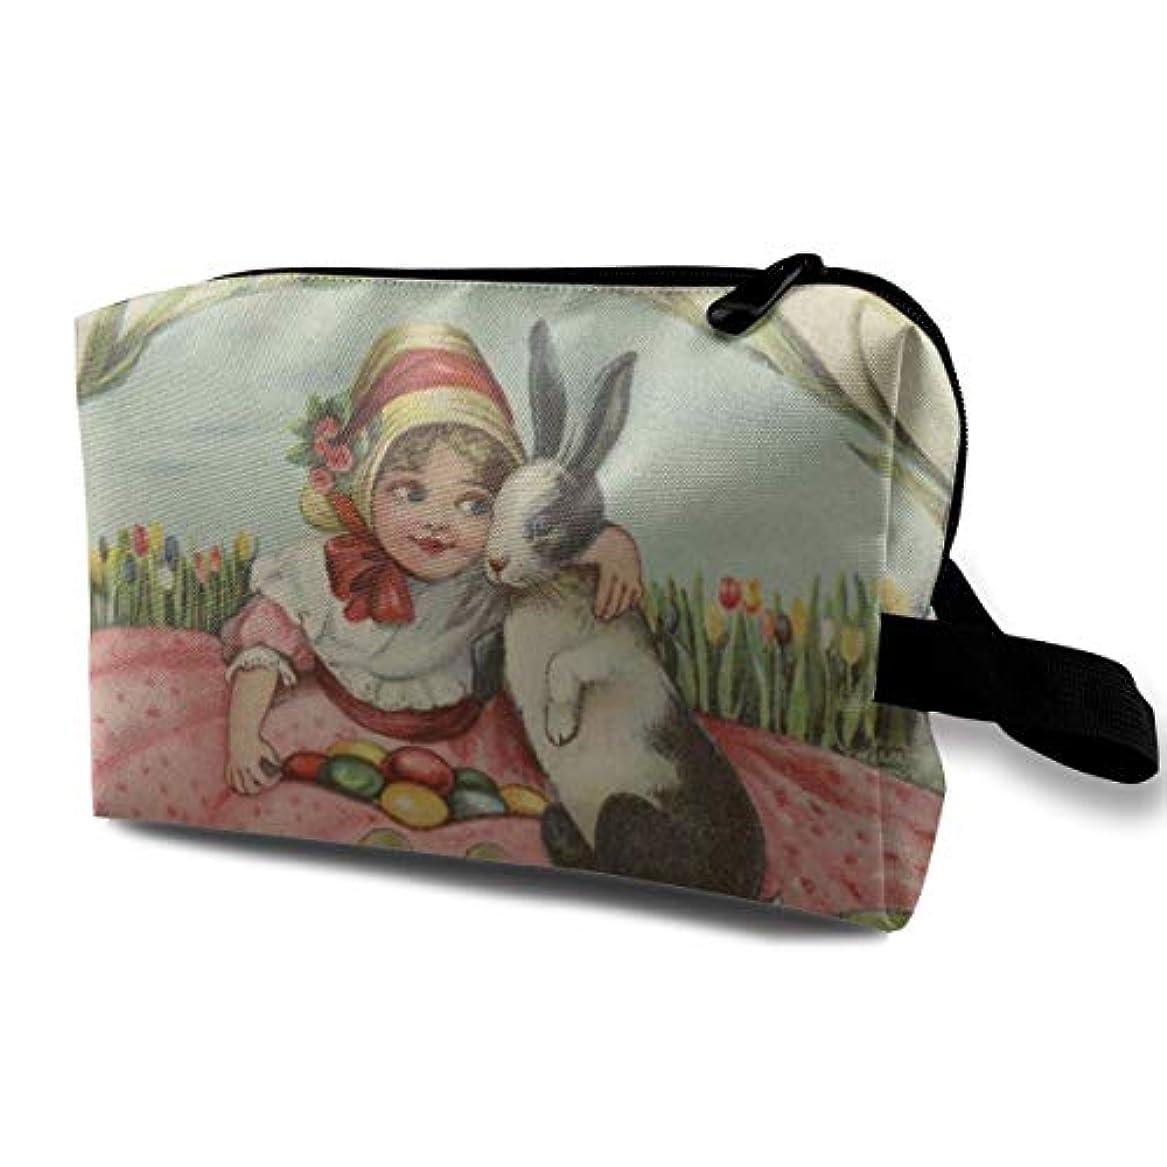 おもしろい集中的なスピーカーGirl Hug Easter Bunny Rabbit Candy Eggs Tulip 収納ポーチ 化粧ポーチ 大容量 軽量 耐久性 ハンドル付持ち運び便利。入れ 自宅?出張?旅行?アウトドア撮影などに対応。メンズ レディース トラベルグッズ